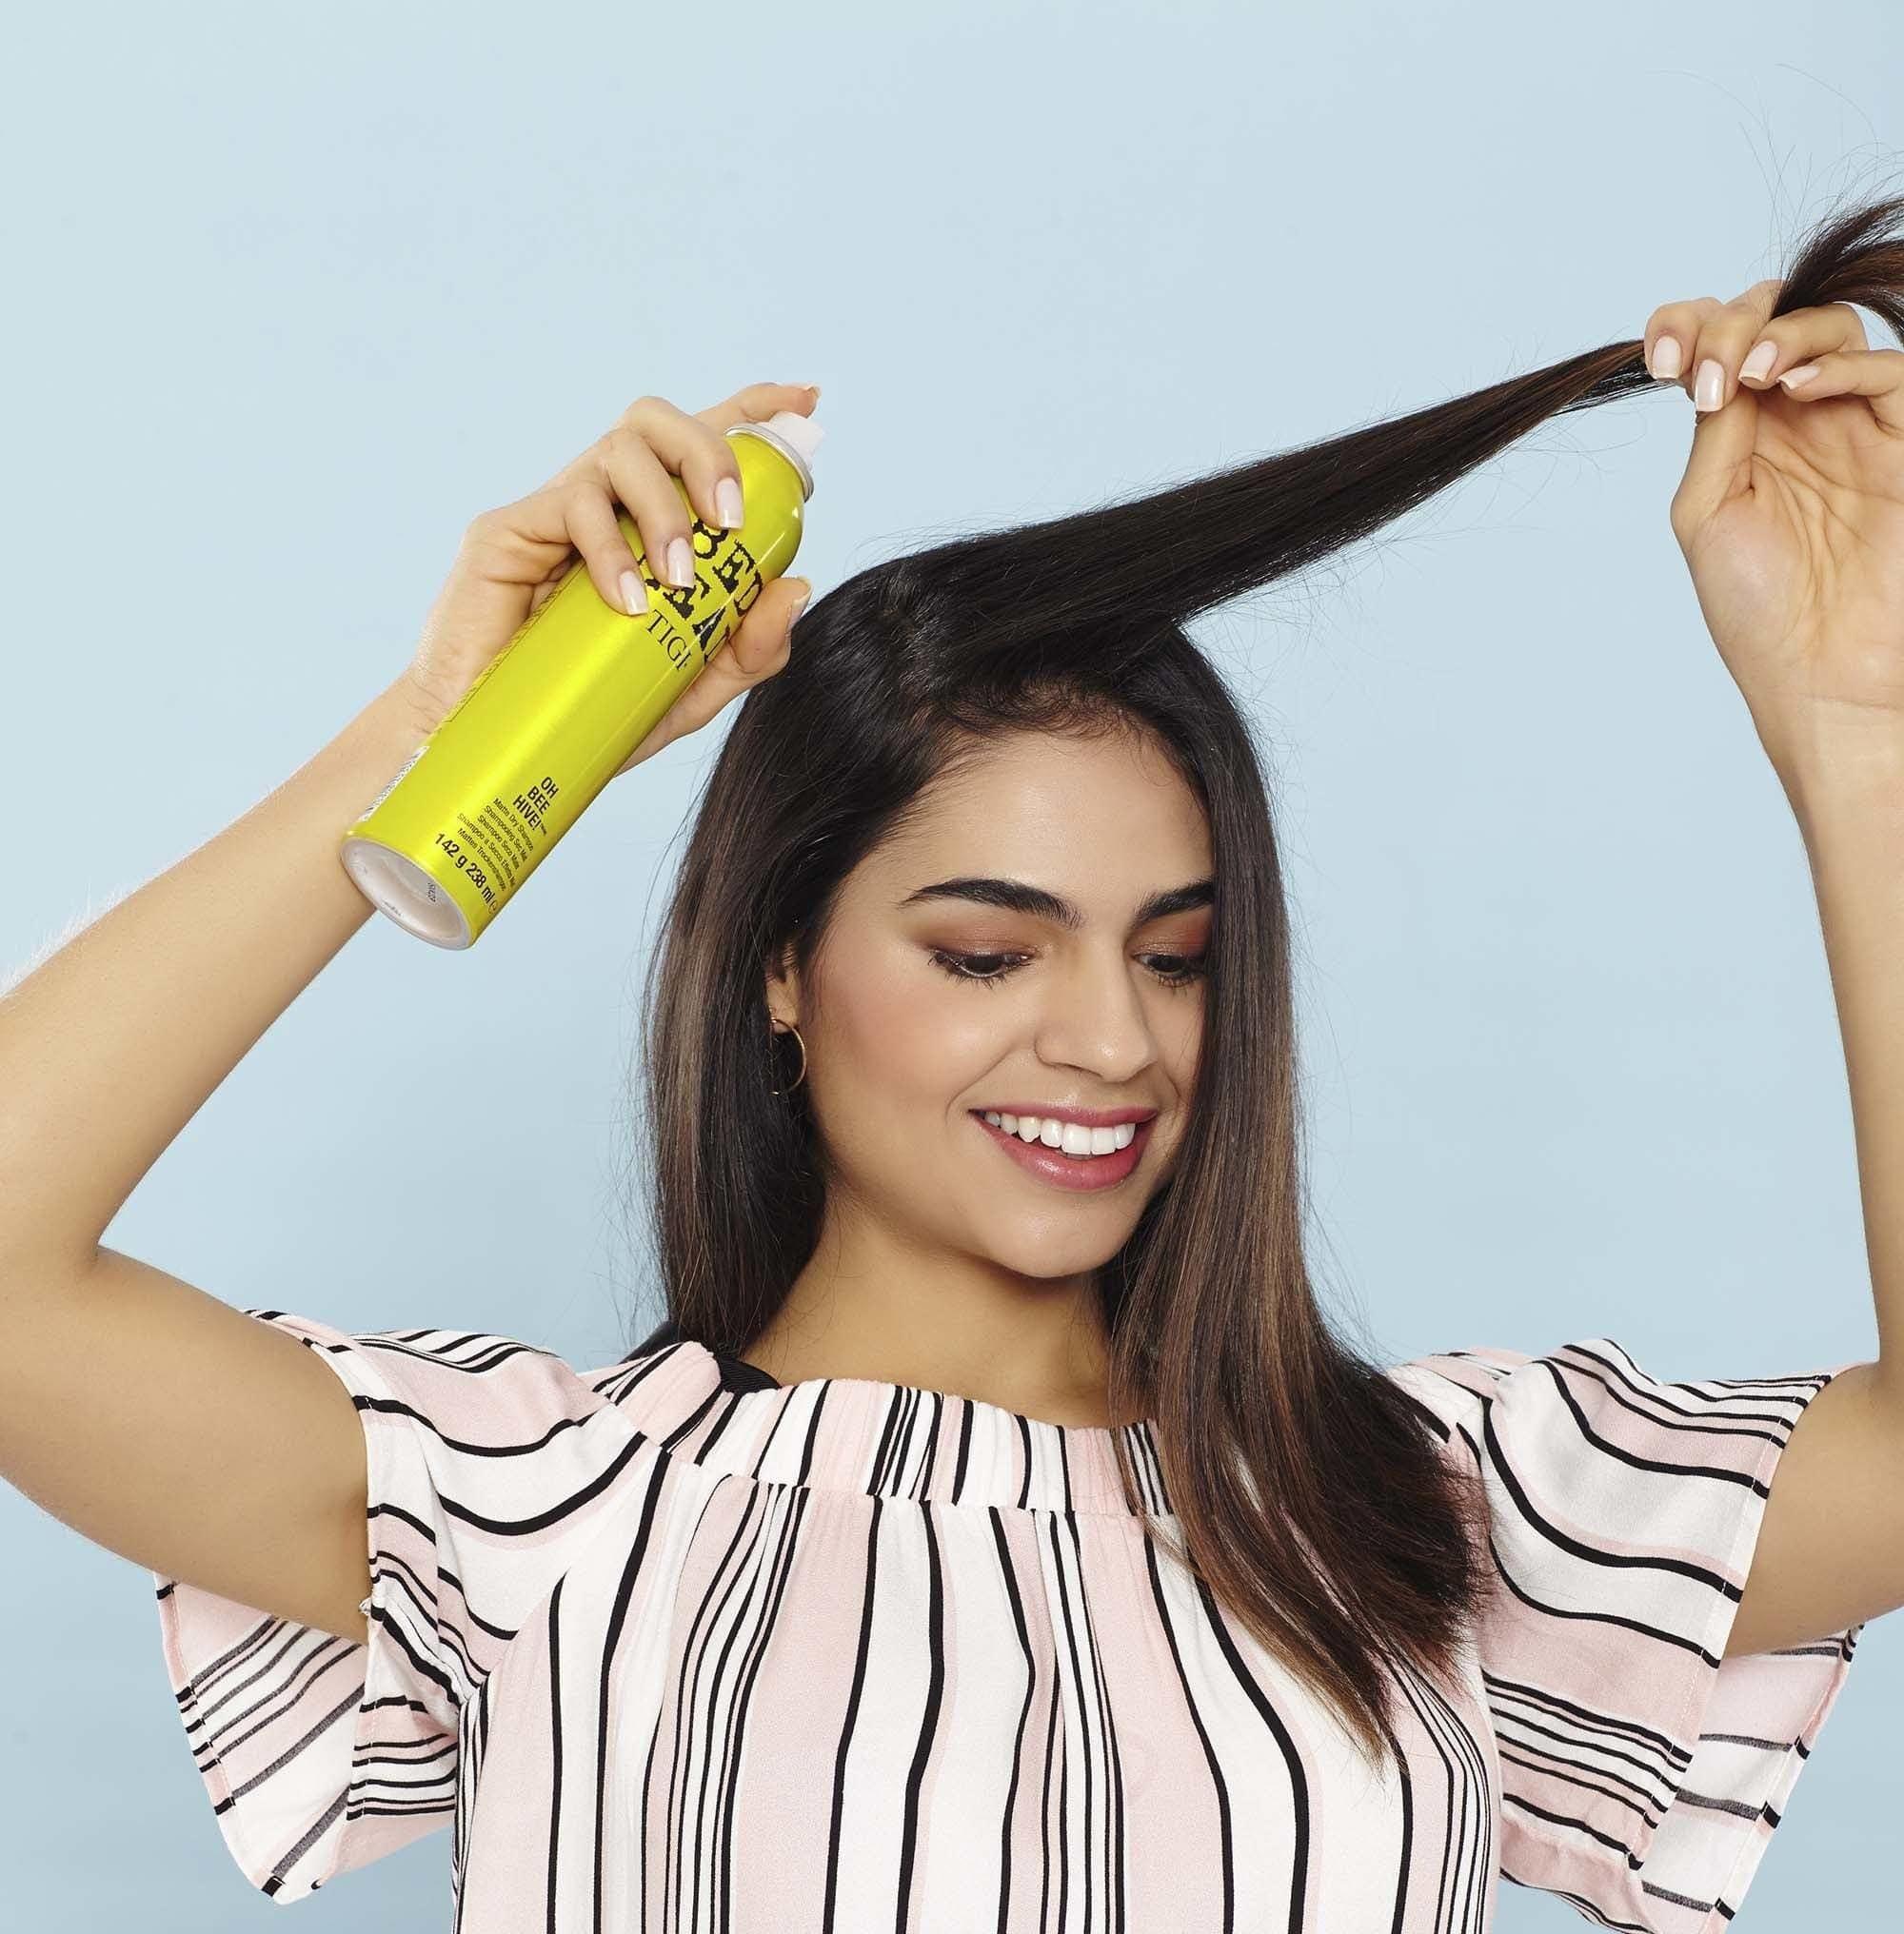 Shampoo a seco sendo aplicado em uma mecha de cabelo liso